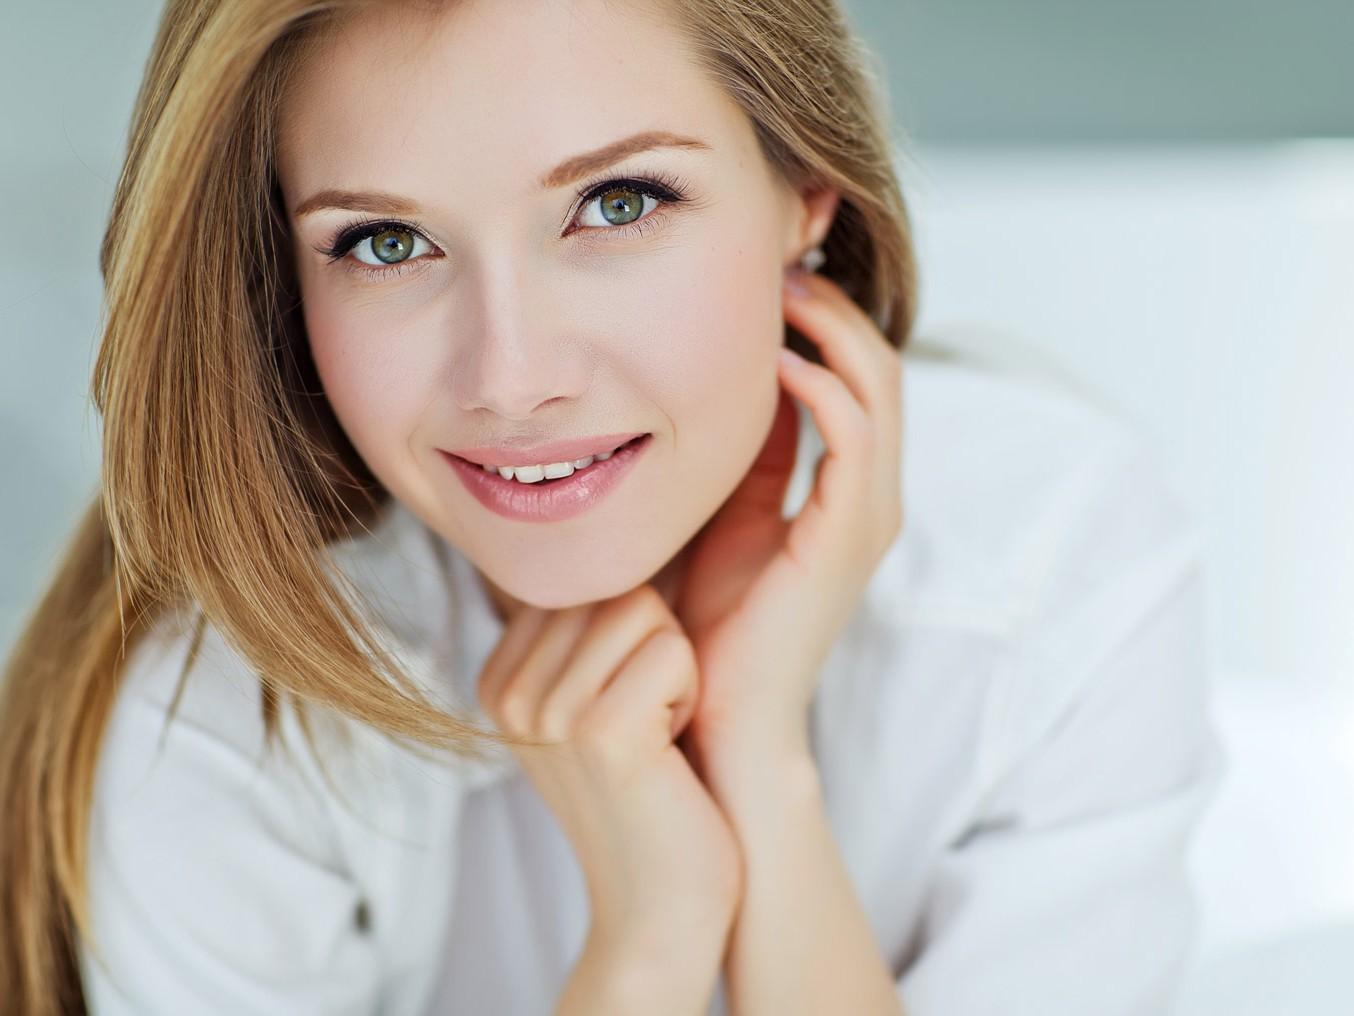 Hautalterung im Gesicht Lasertherapie